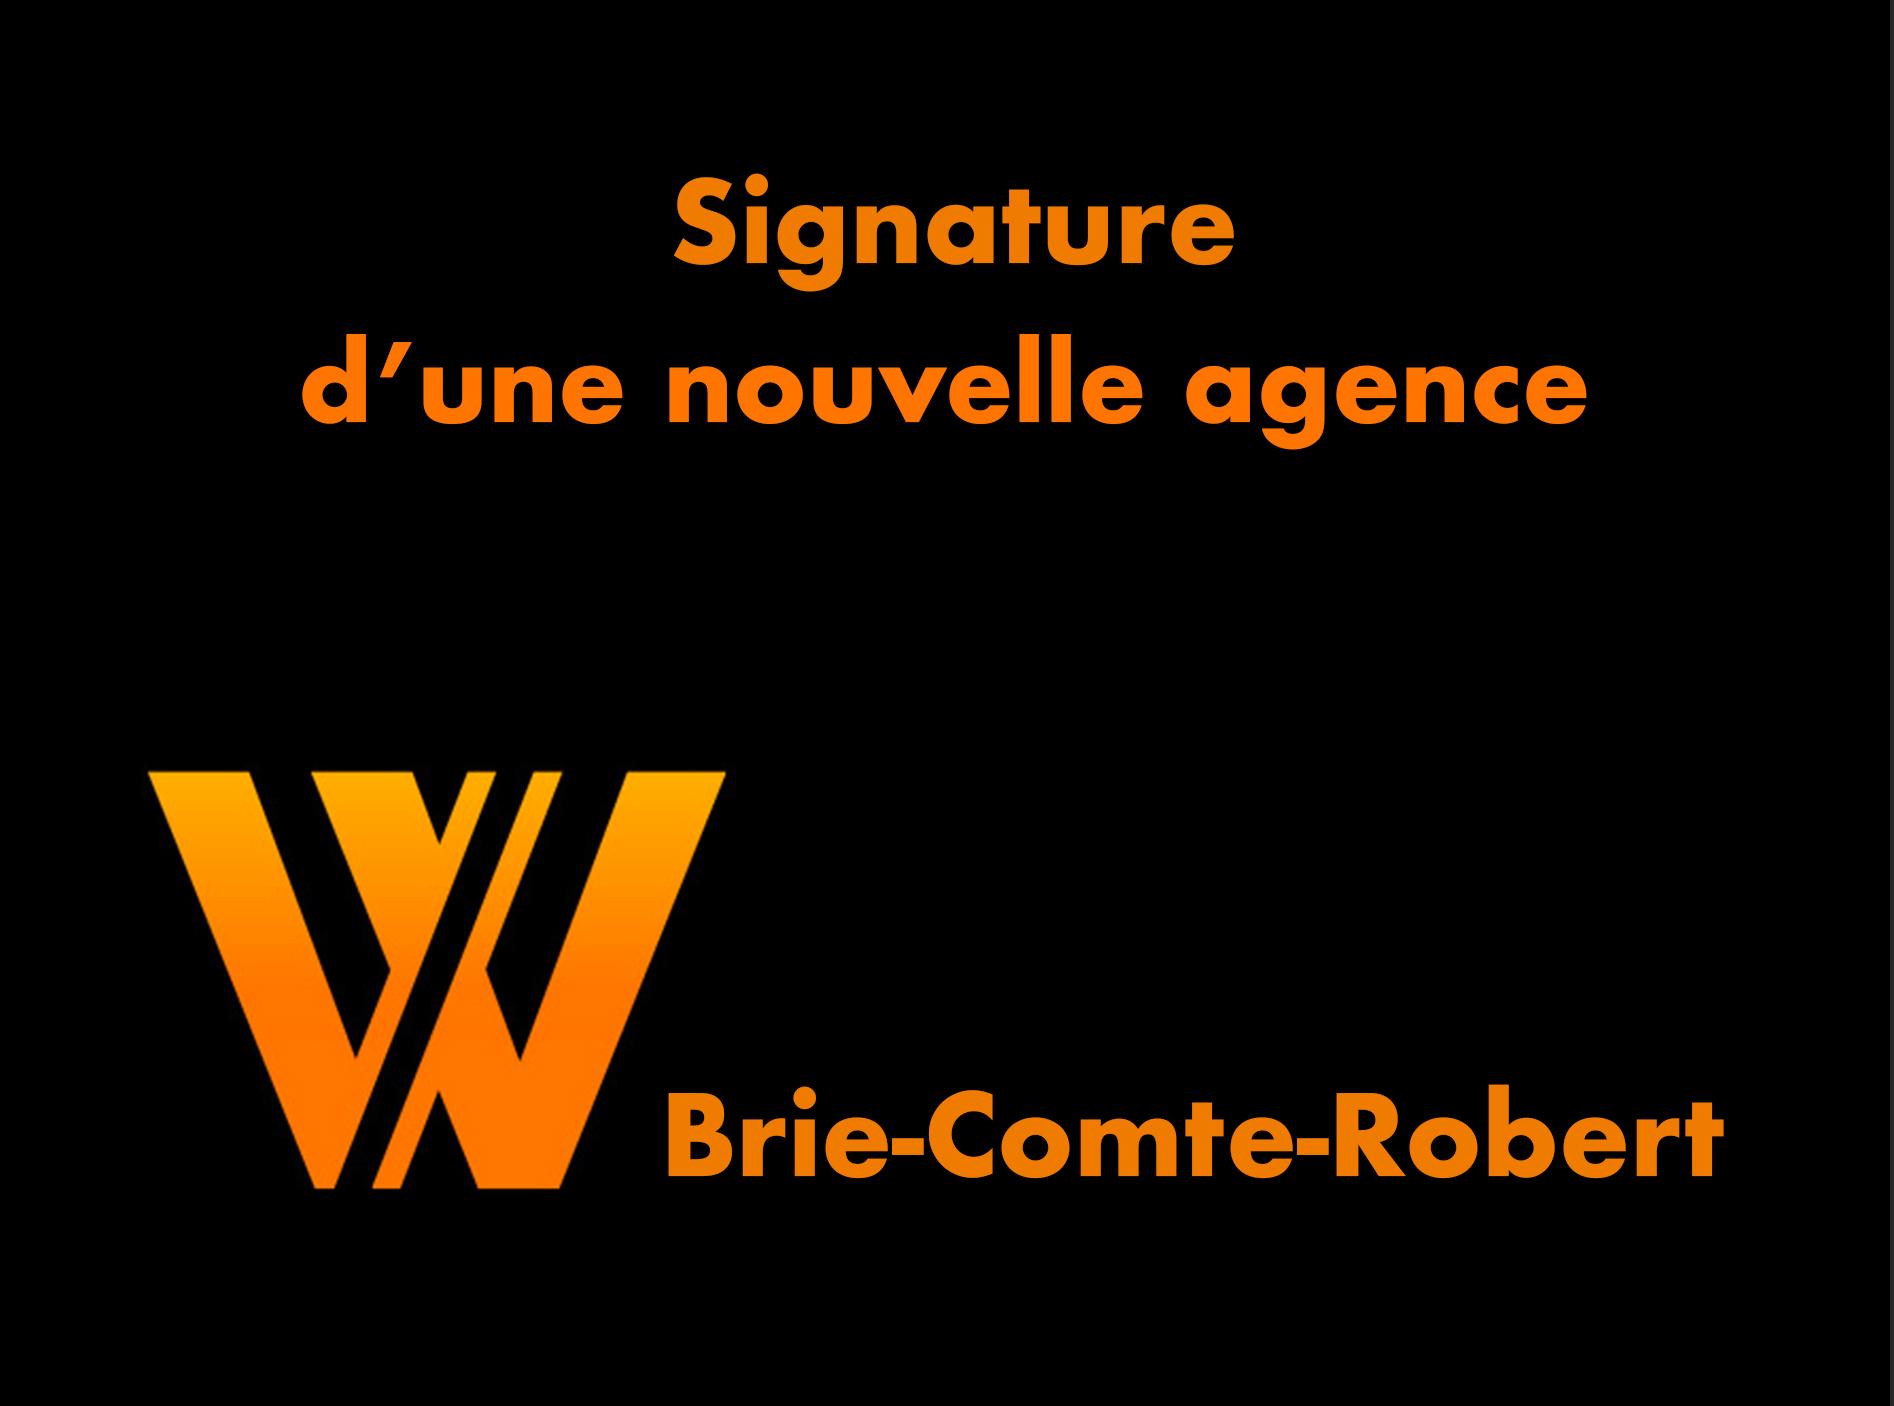 Ewigos'implante à Brie-Comte-Robert (77)